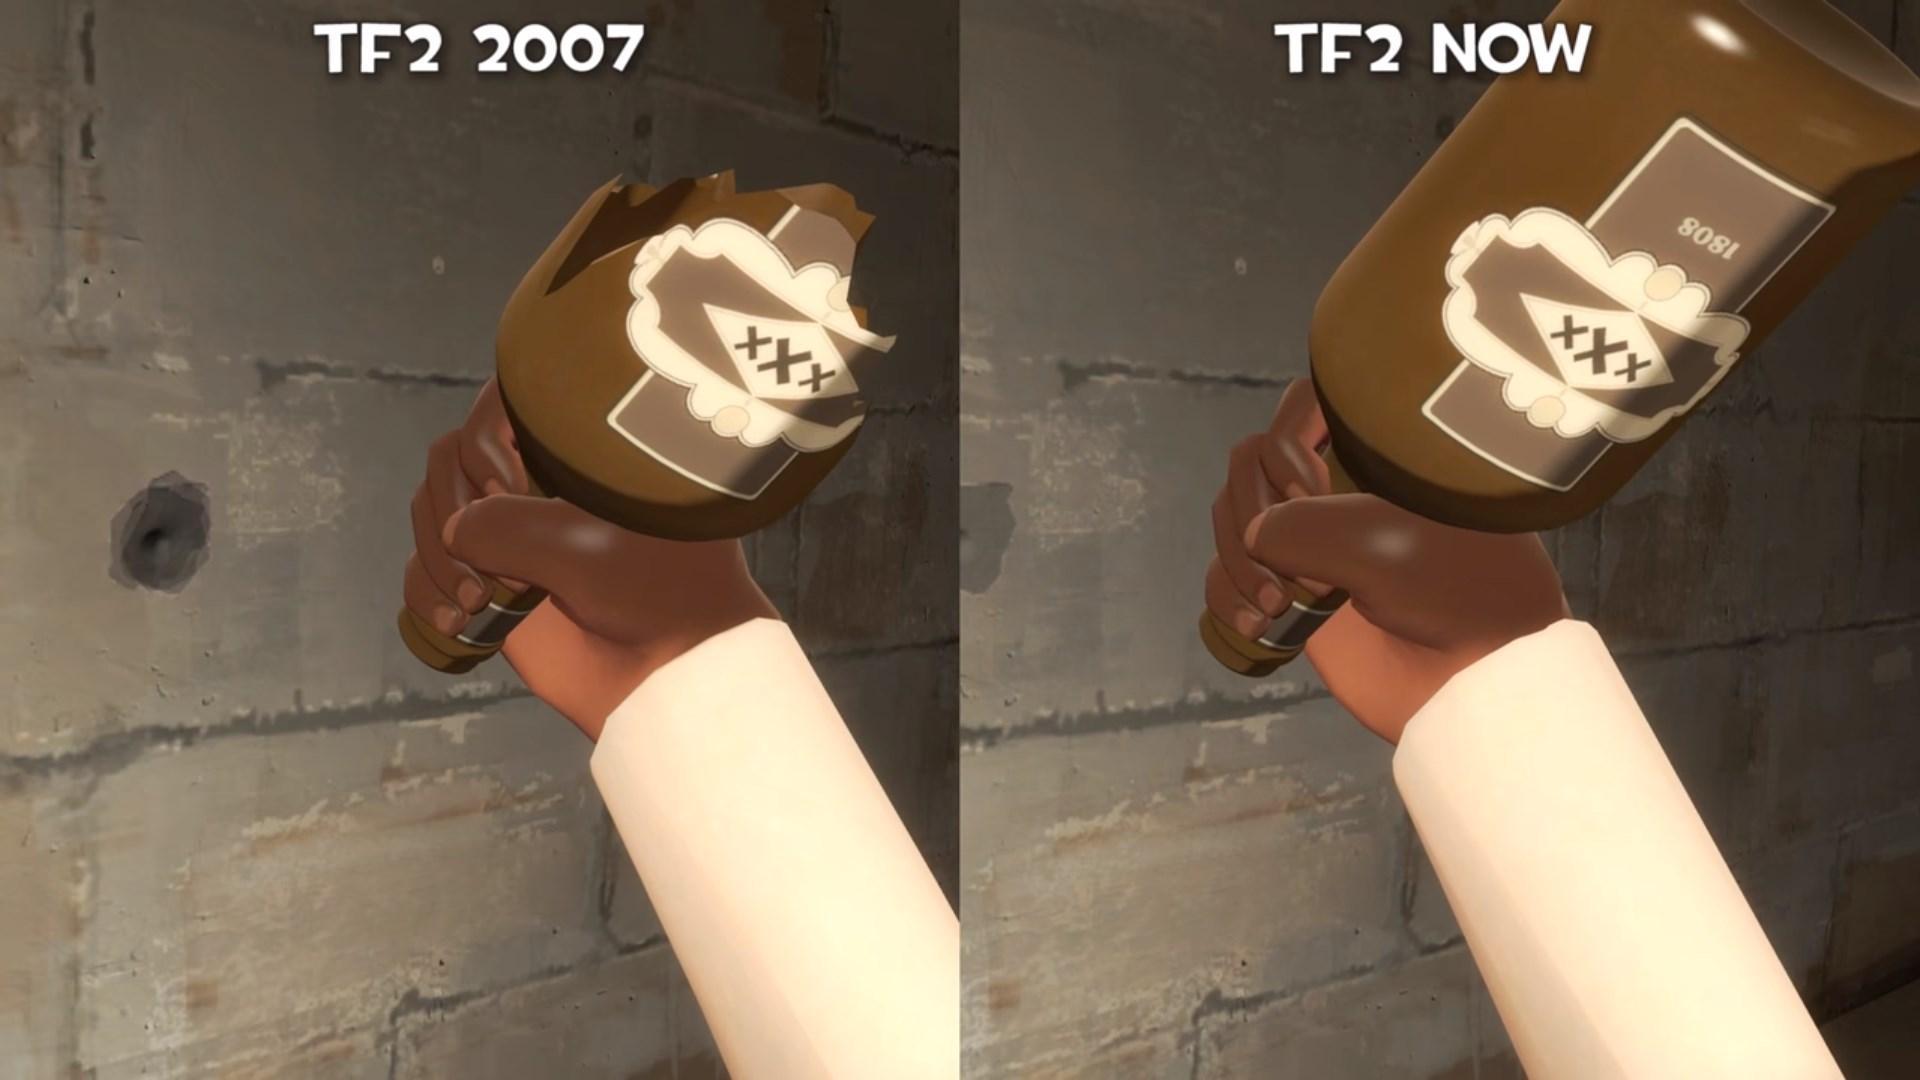 Графика в Team Fortress 2 деградирует